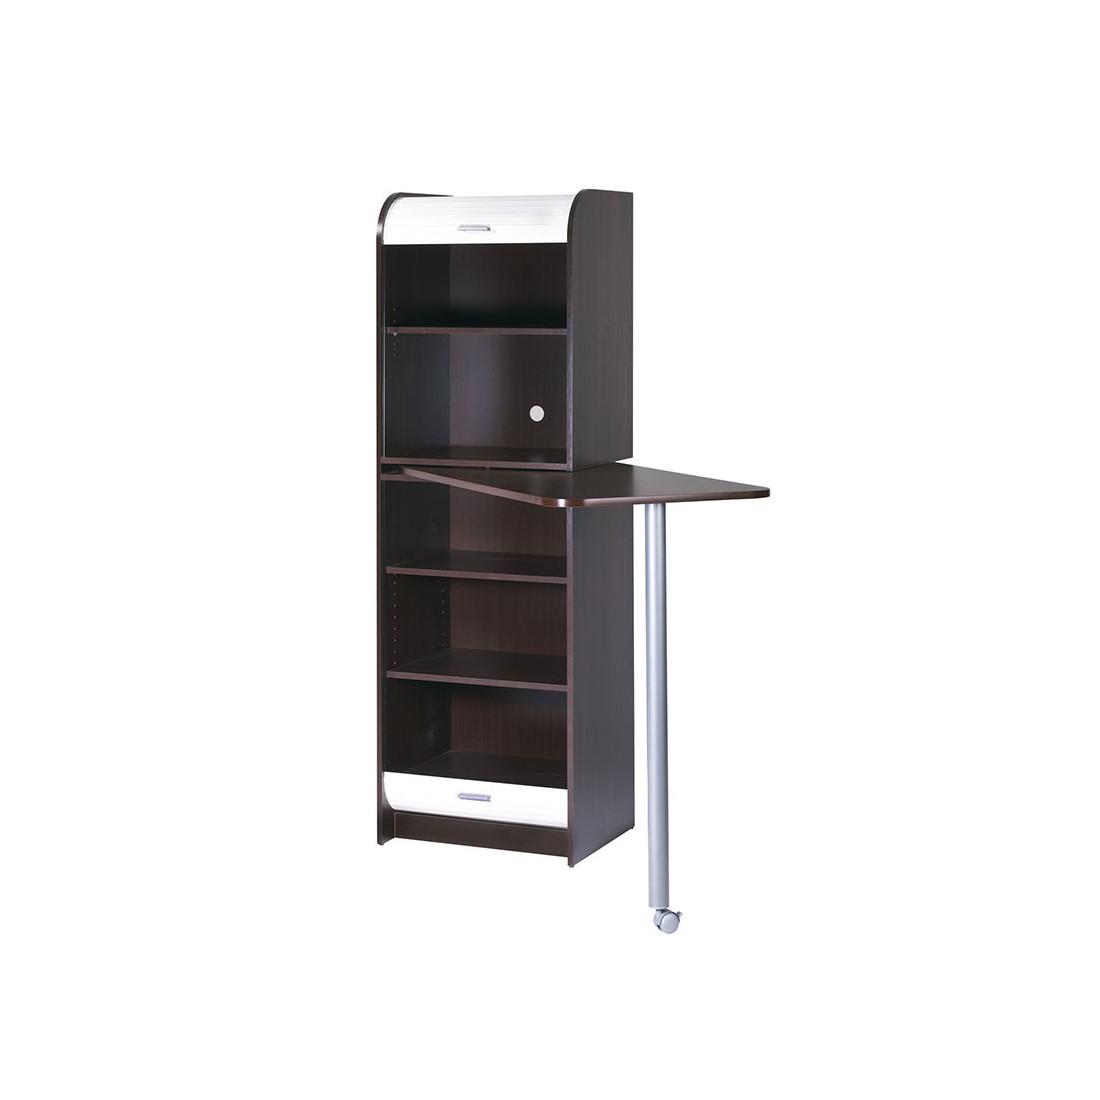 colonne de rangement plateau pivotant weng vina. Black Bedroom Furniture Sets. Home Design Ideas